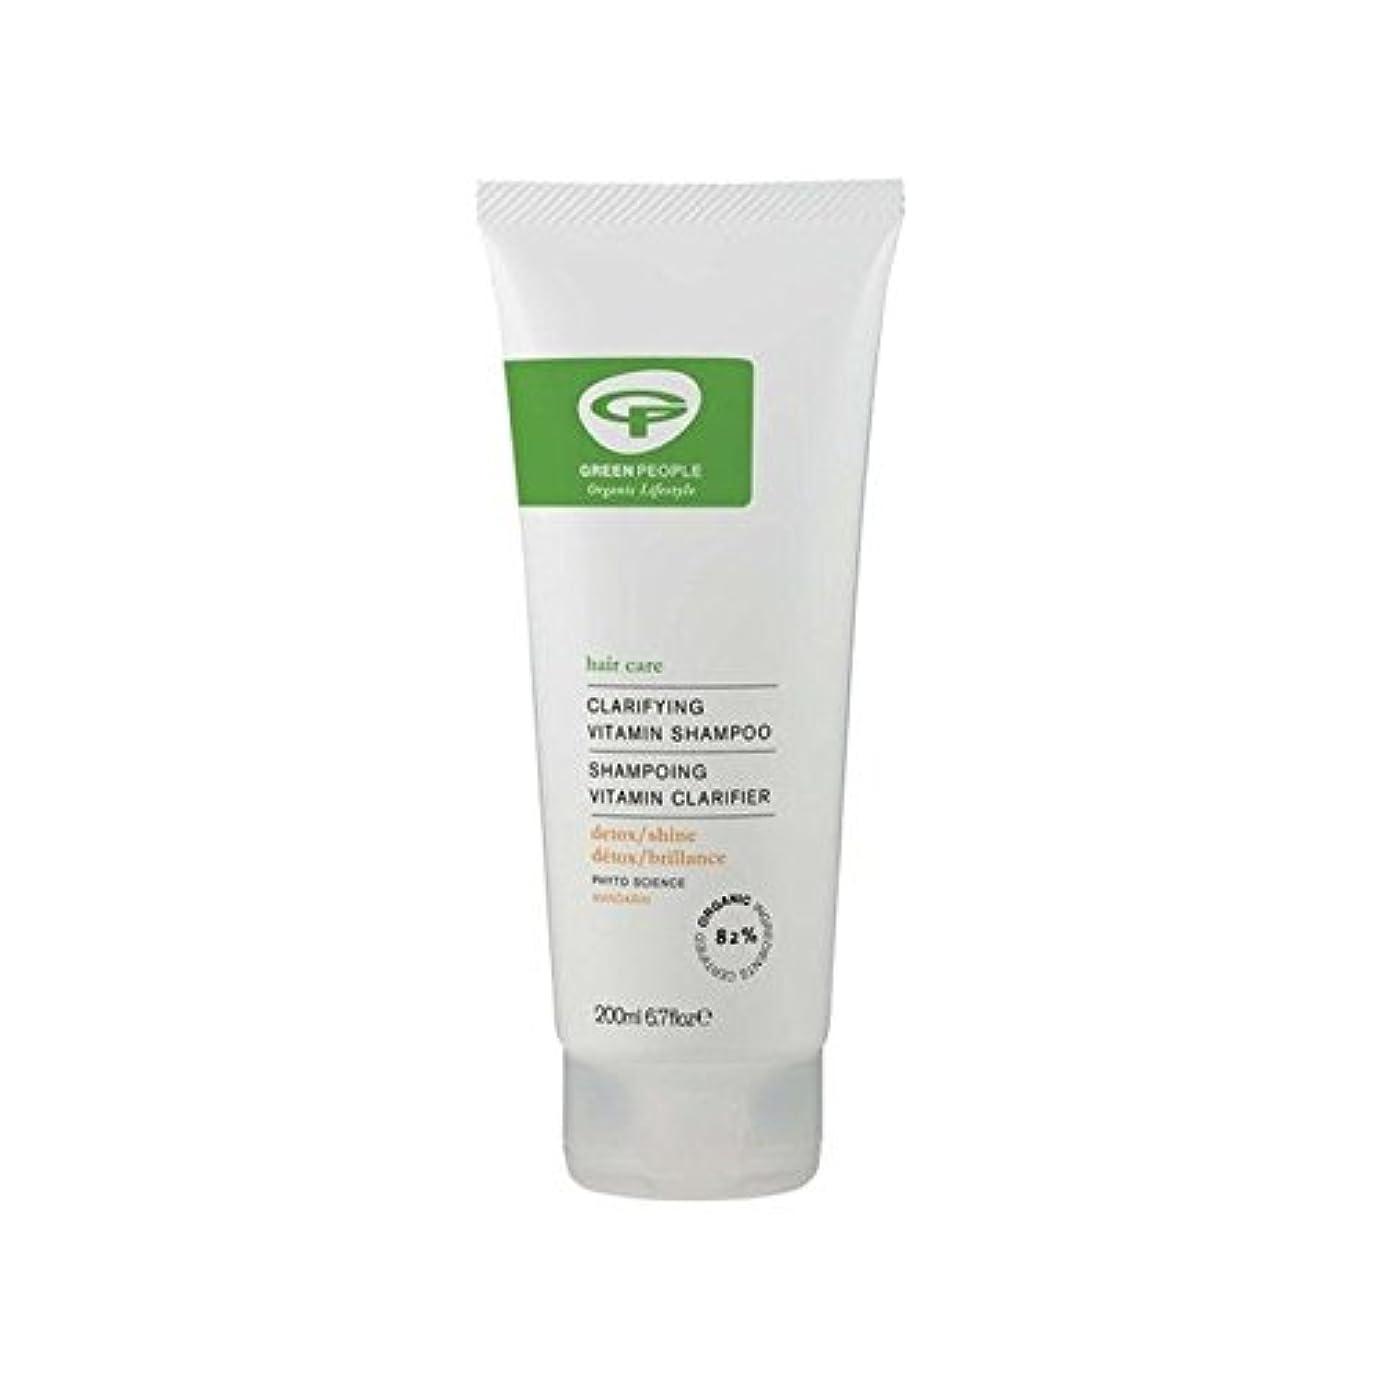 ナプキン気づくなる相互Green People Vitamin Shampoo (200ml) (Pack of 6) - 緑の人々のビタミンシャンプー(200ミリリットル) x6 [並行輸入品]